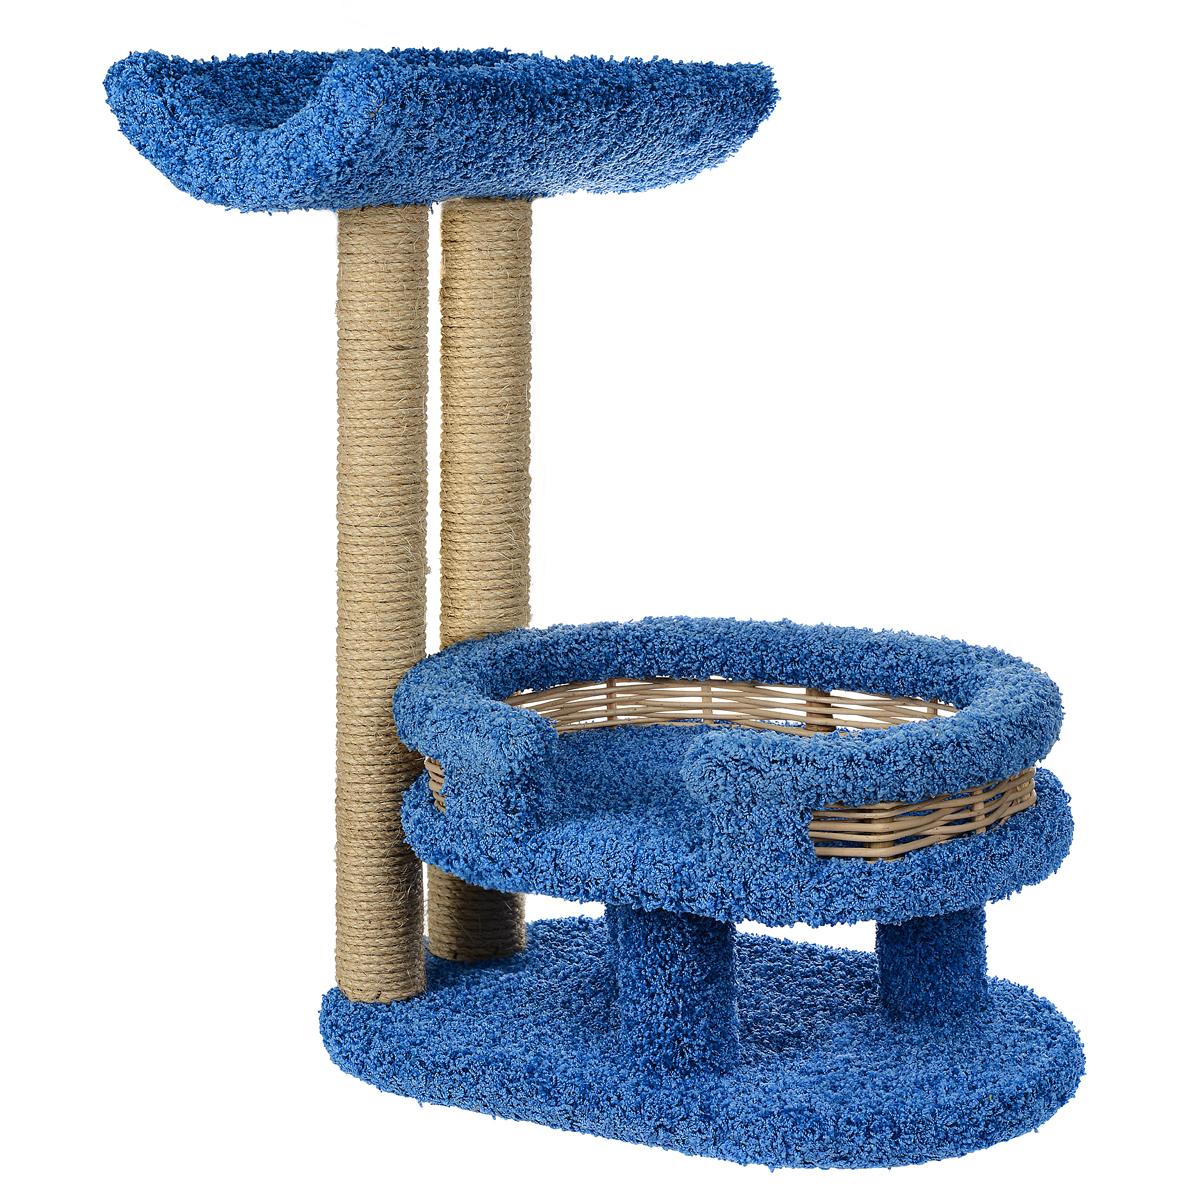 Когтеточка Лежанка с седлом, цвет: синий, 45 см х 60 см х 80 см81101Когтеточка Лежанка с седлом отлично подойдет для котят и взрослых кошек средних размеров. Когтеточка станет не только идеальным местом для подвижных игр вашего любимца, но и местом для отдыха. Благодаря столбикам - когтеточкам, обернутым веревками из сизаля, ваша кошка удовлетворит природную потребность точить когти, что поможет сохранить вашу мебель и ковры. Для приучения любимца к когтеточке можно натереть ее сухой валерьянкой или кошачьей мятой. Оригинальный дизайнлежанки с плетеными бортиками позволит гармонично вписаться когтеточке в интерьер вашей квартиры.